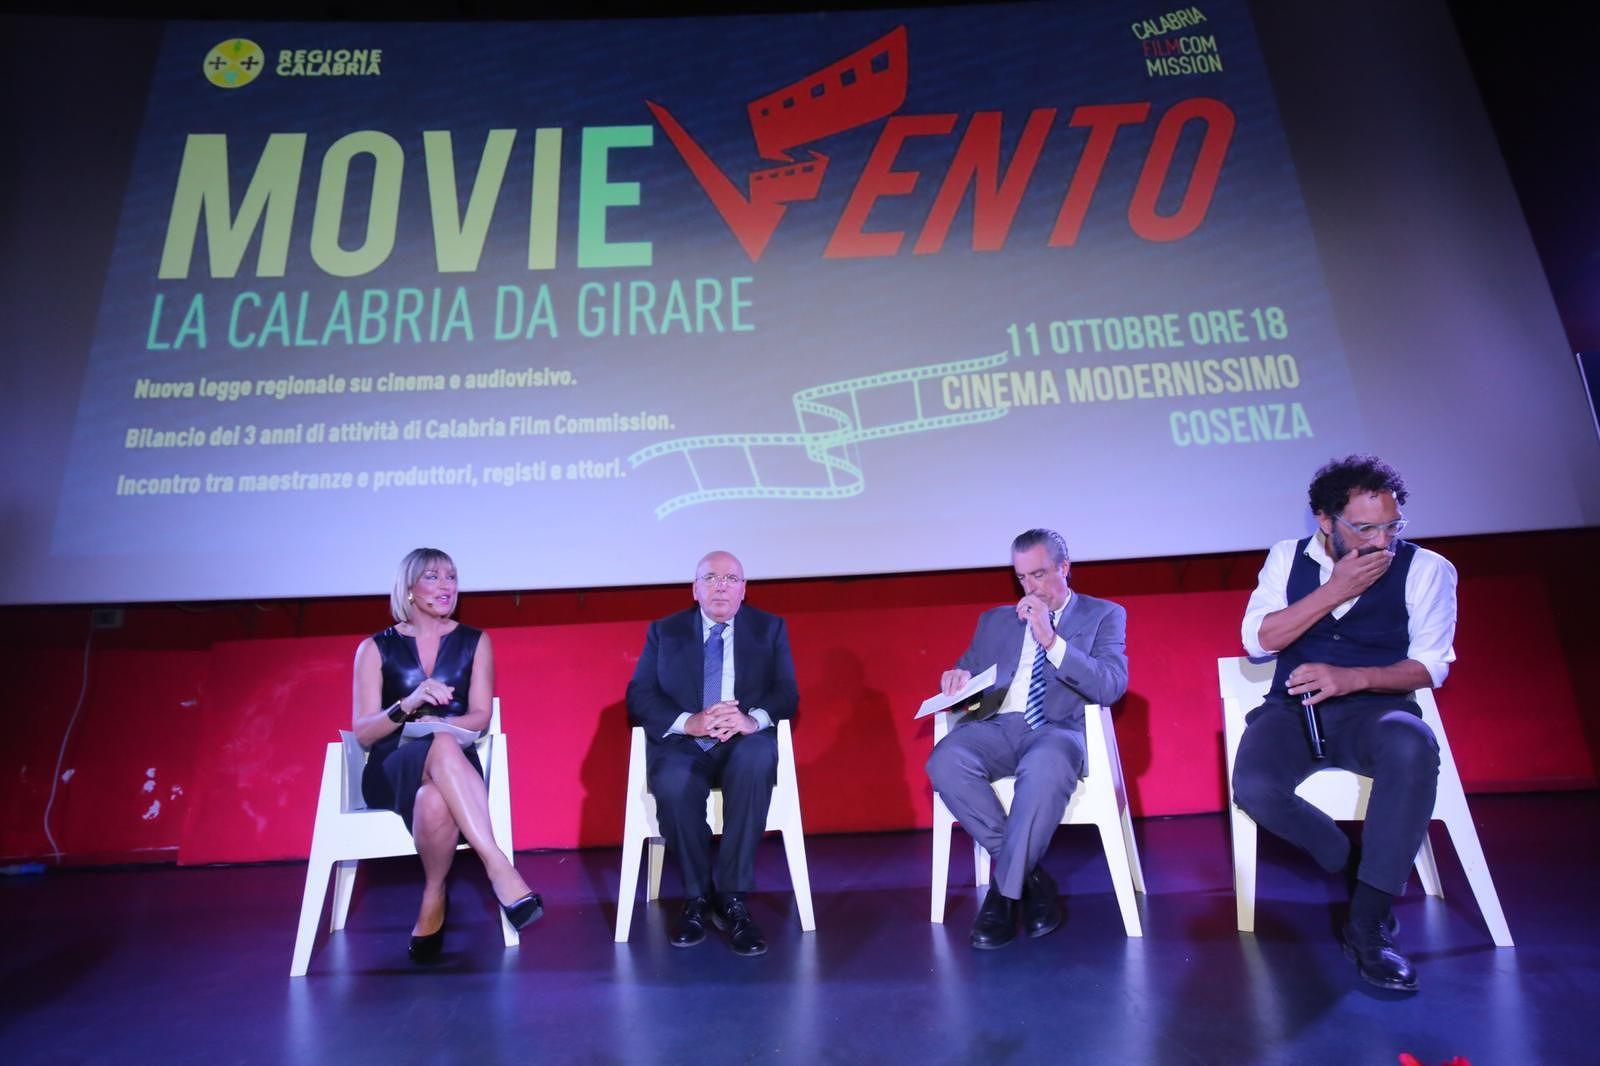 Movievento 2